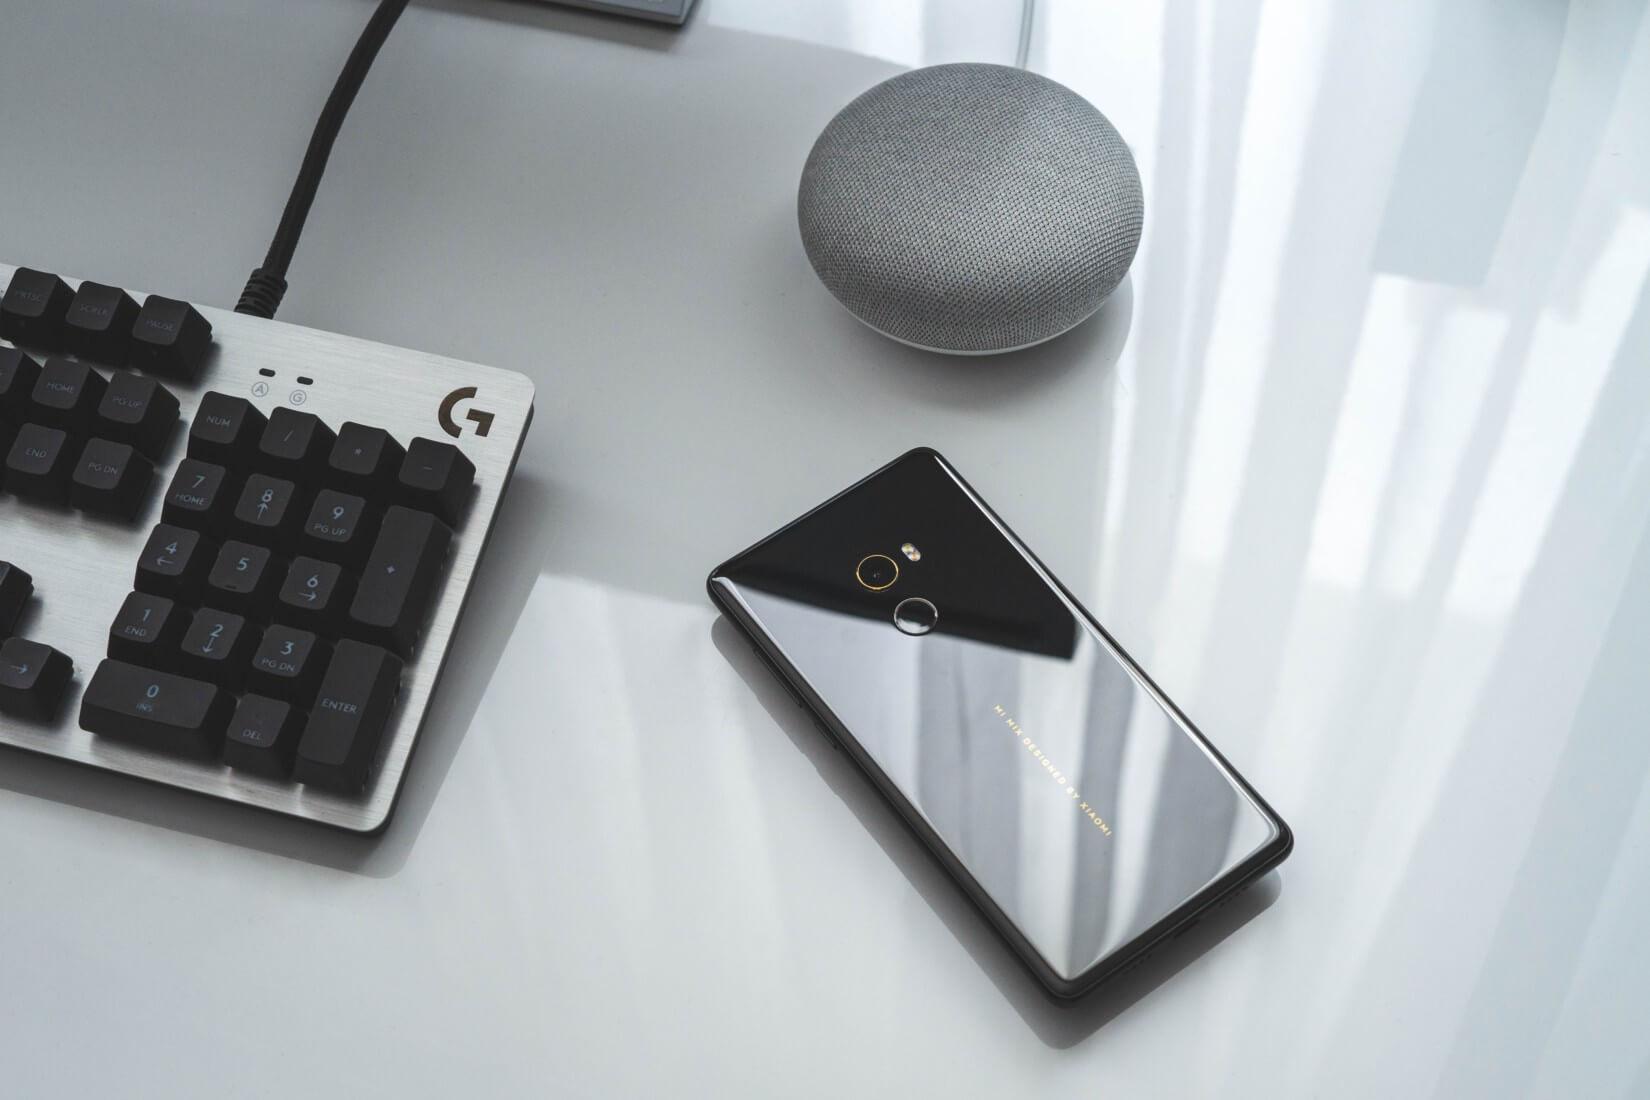 Smartphone und Google Home